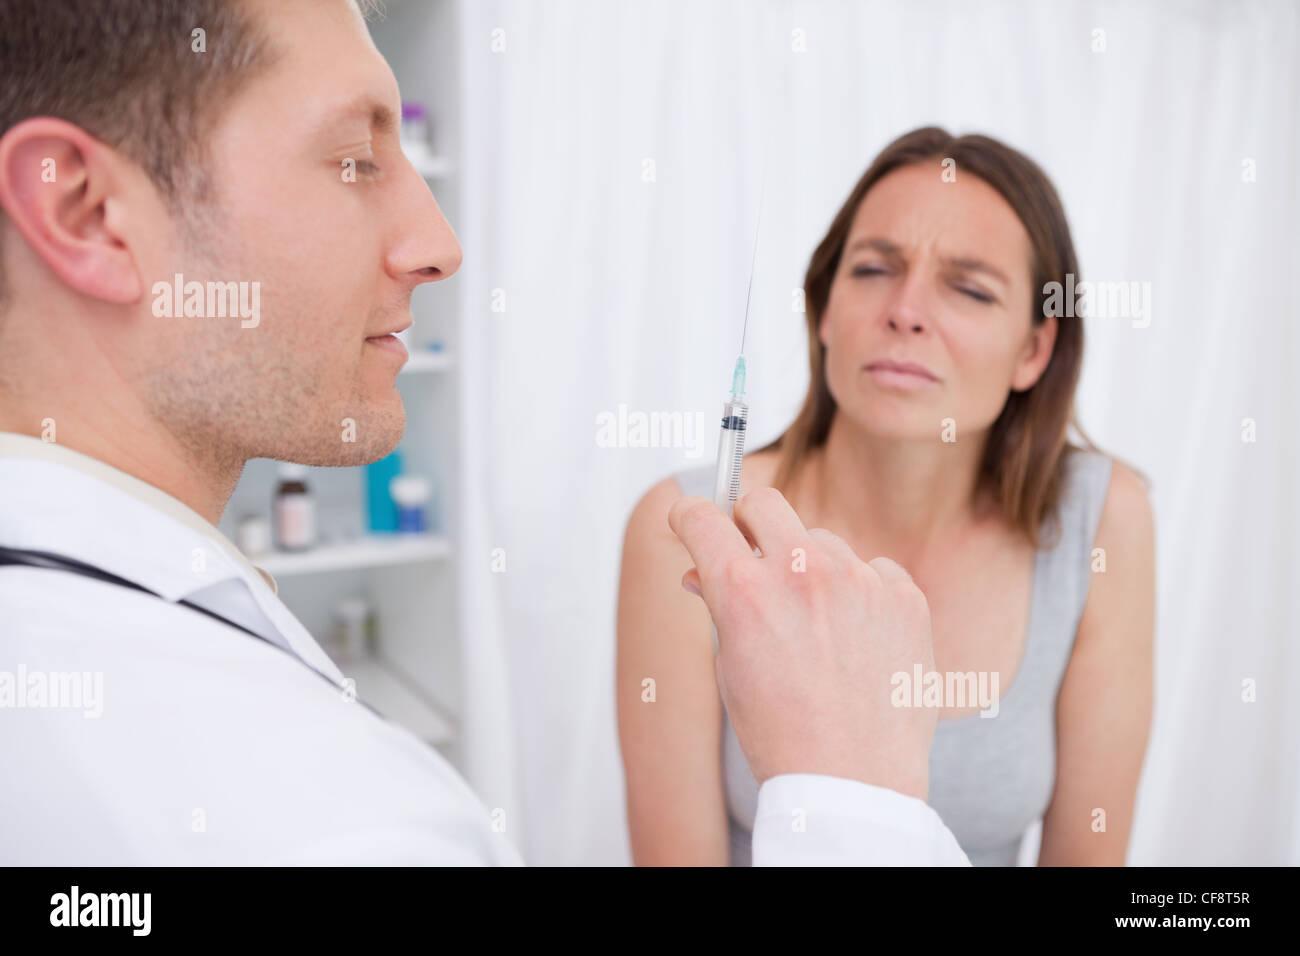 Médecin à propos d'administrer une injection Photo Stock